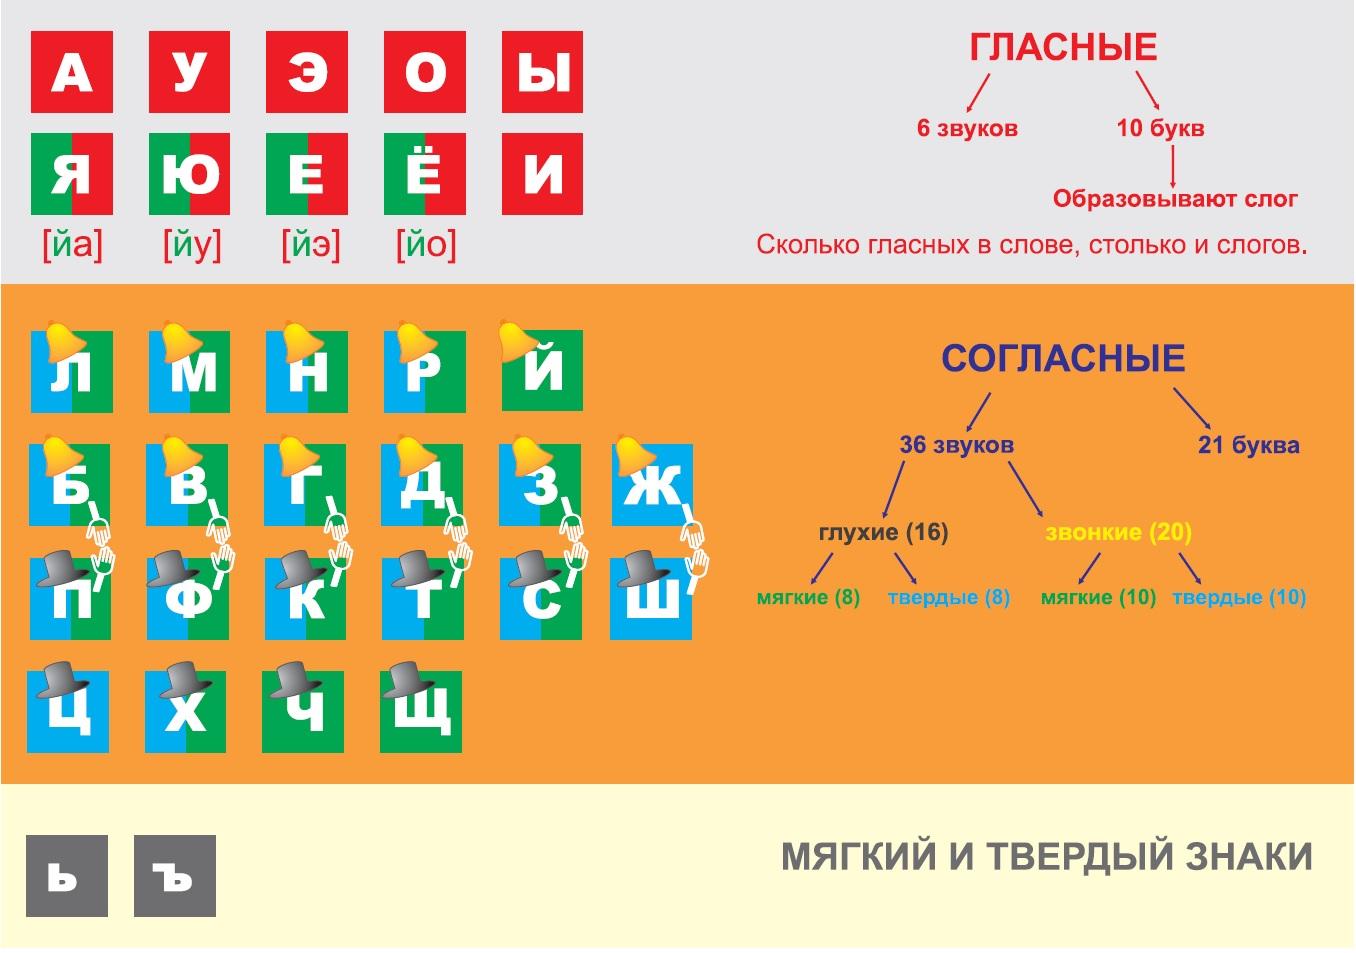 Звуки и буквы русского языка. Гласные: 6 звуков - 10 букв. Согласные: 36 звуков - 21 буква. Глухие, звонкие, мягкие, твердые, парные. 2 знака.